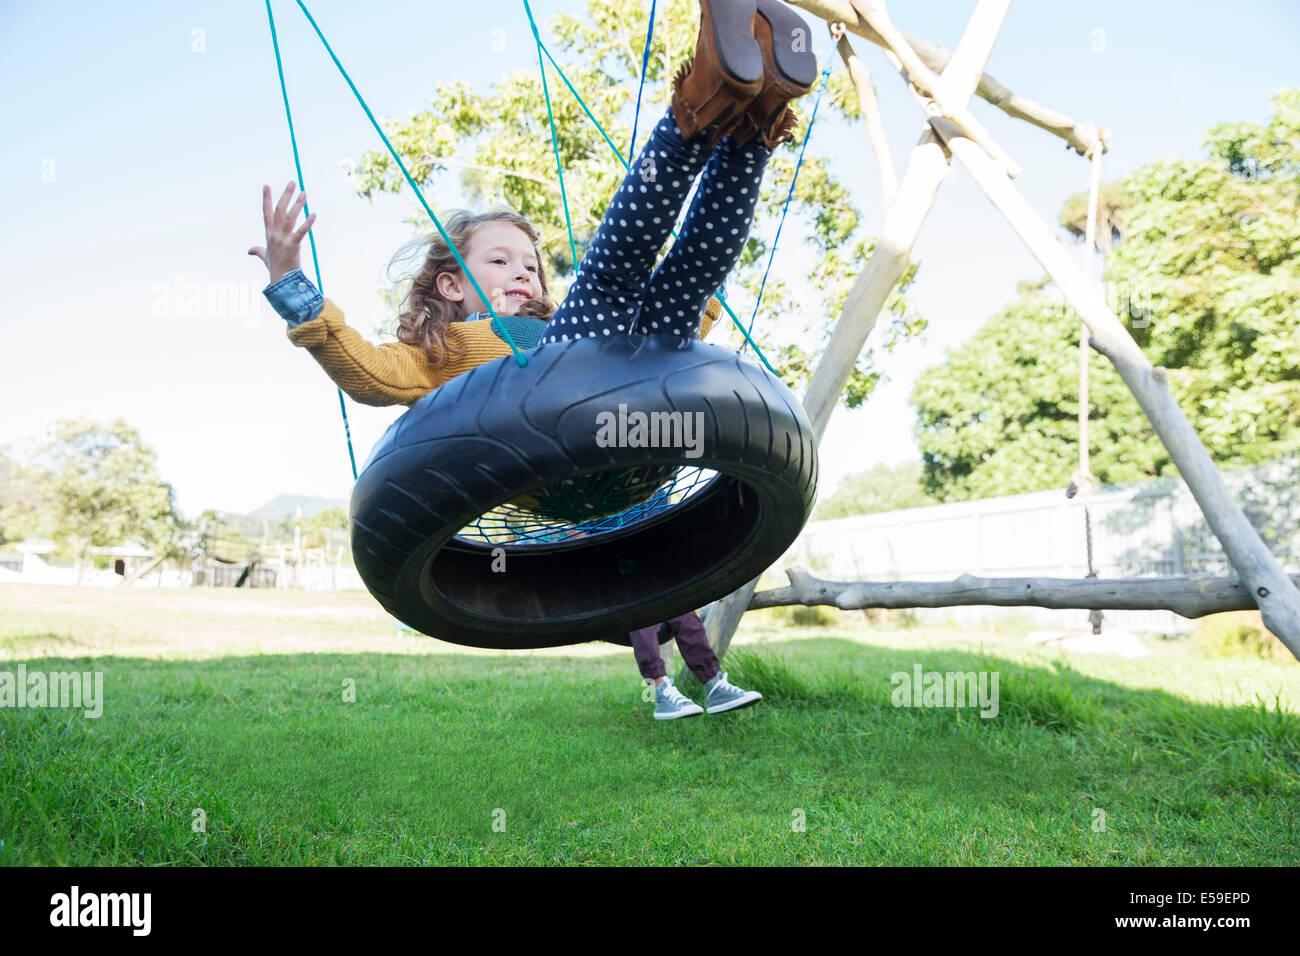 Bambini che giocano sul pneumatico oscilla Immagini Stock